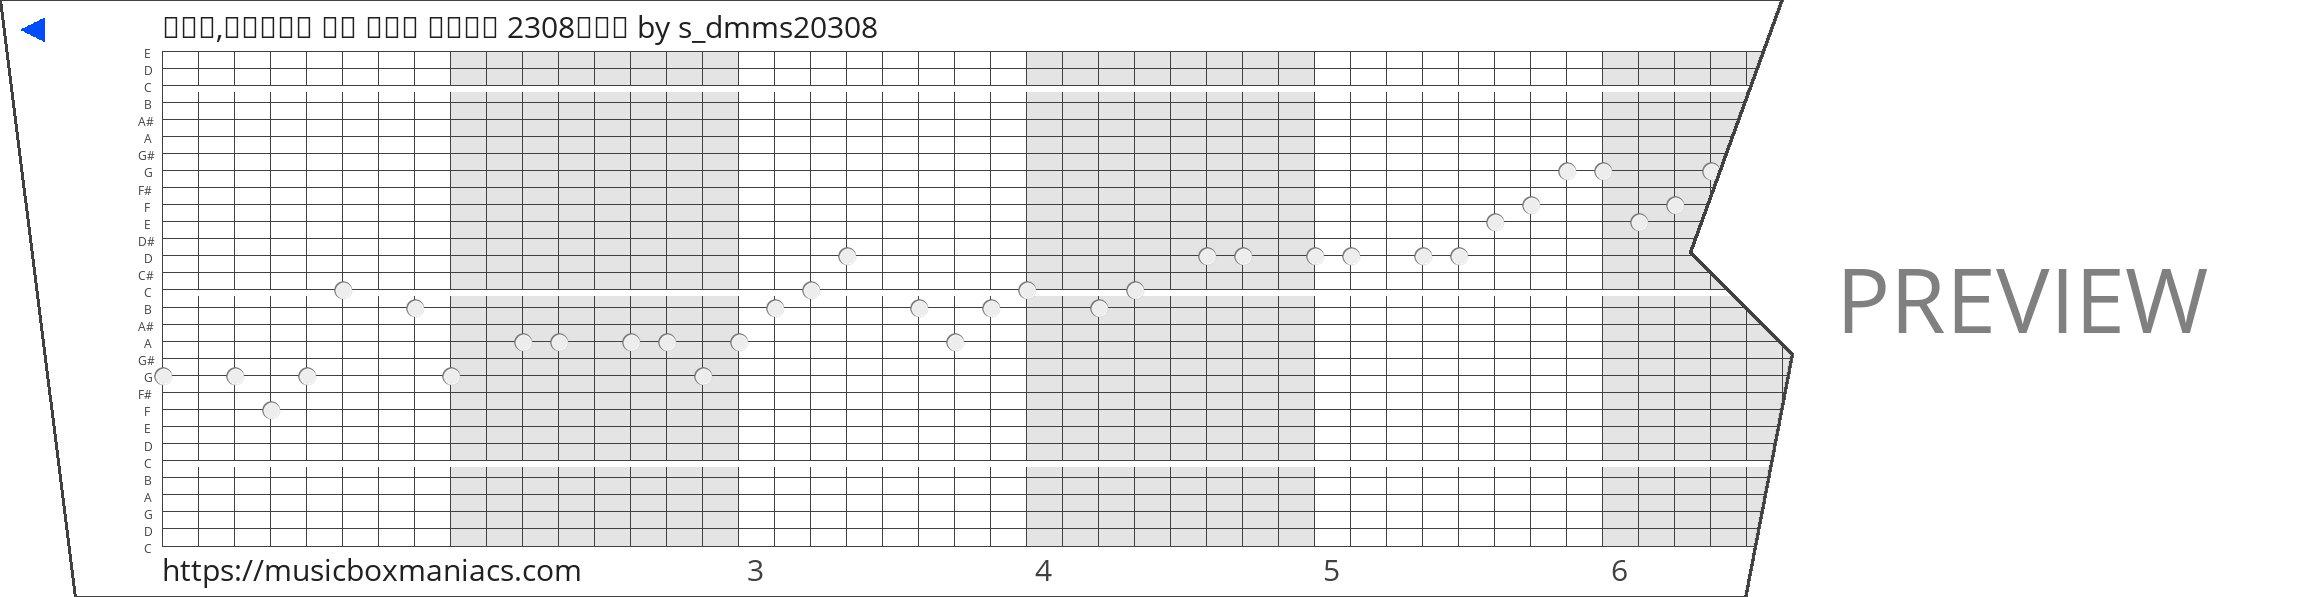 빅맥송,카트라이더 브금 메들리 ㅋㅋㅋㅋ 2308이상명 30 note music box paper strip